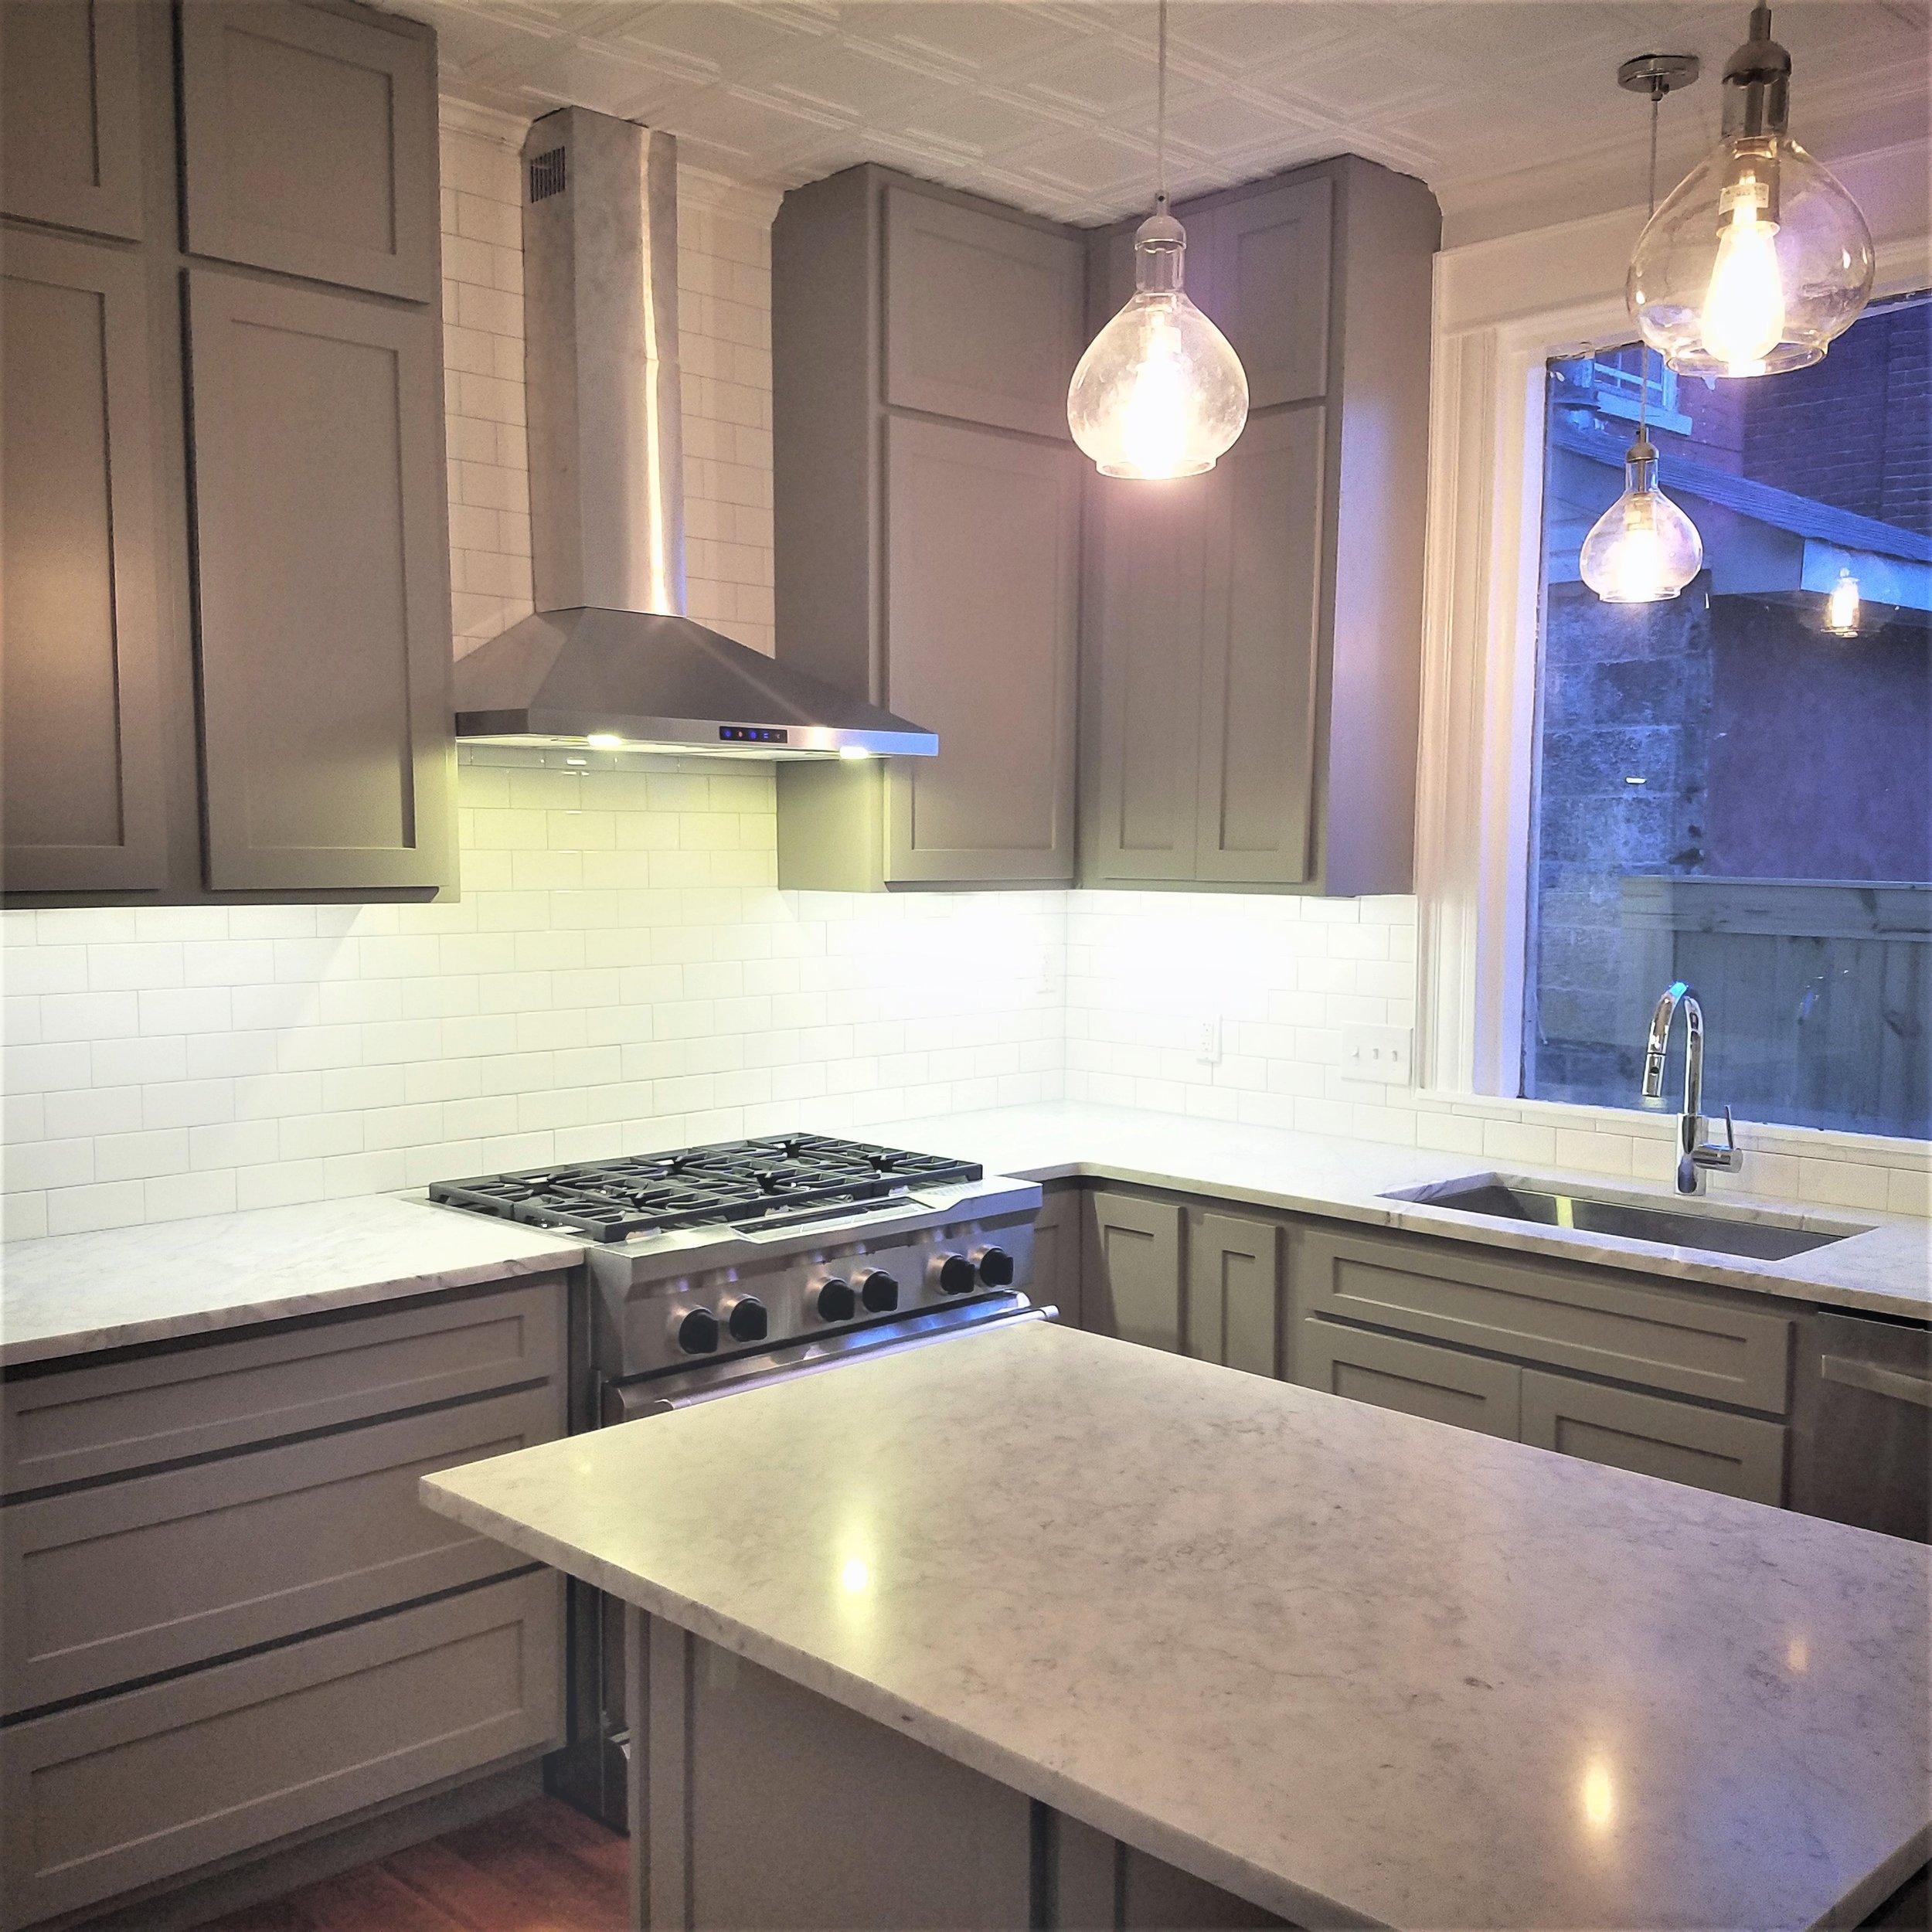 Kaseorg Kitchen Clay St.jpg